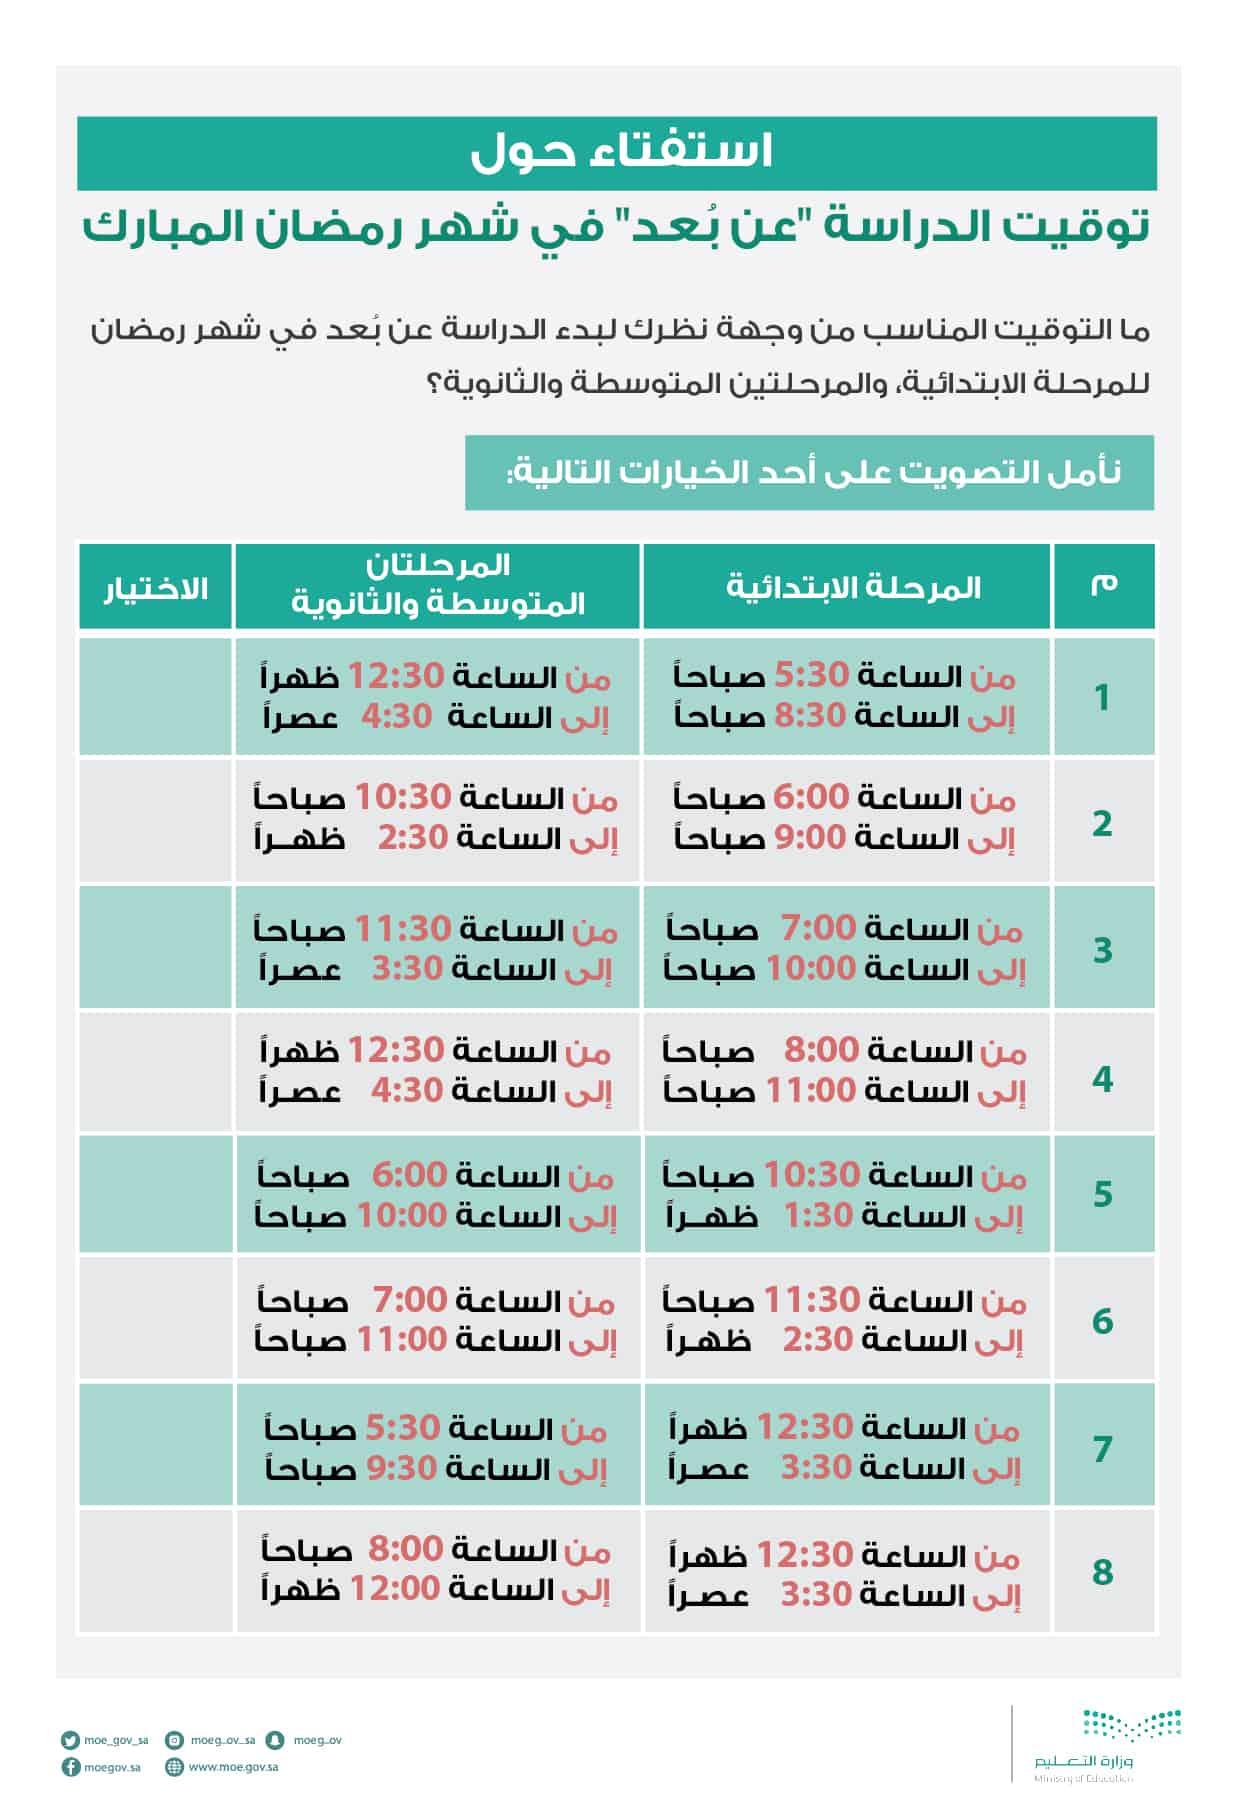 توقيت الدراسة في رمضان 2021t